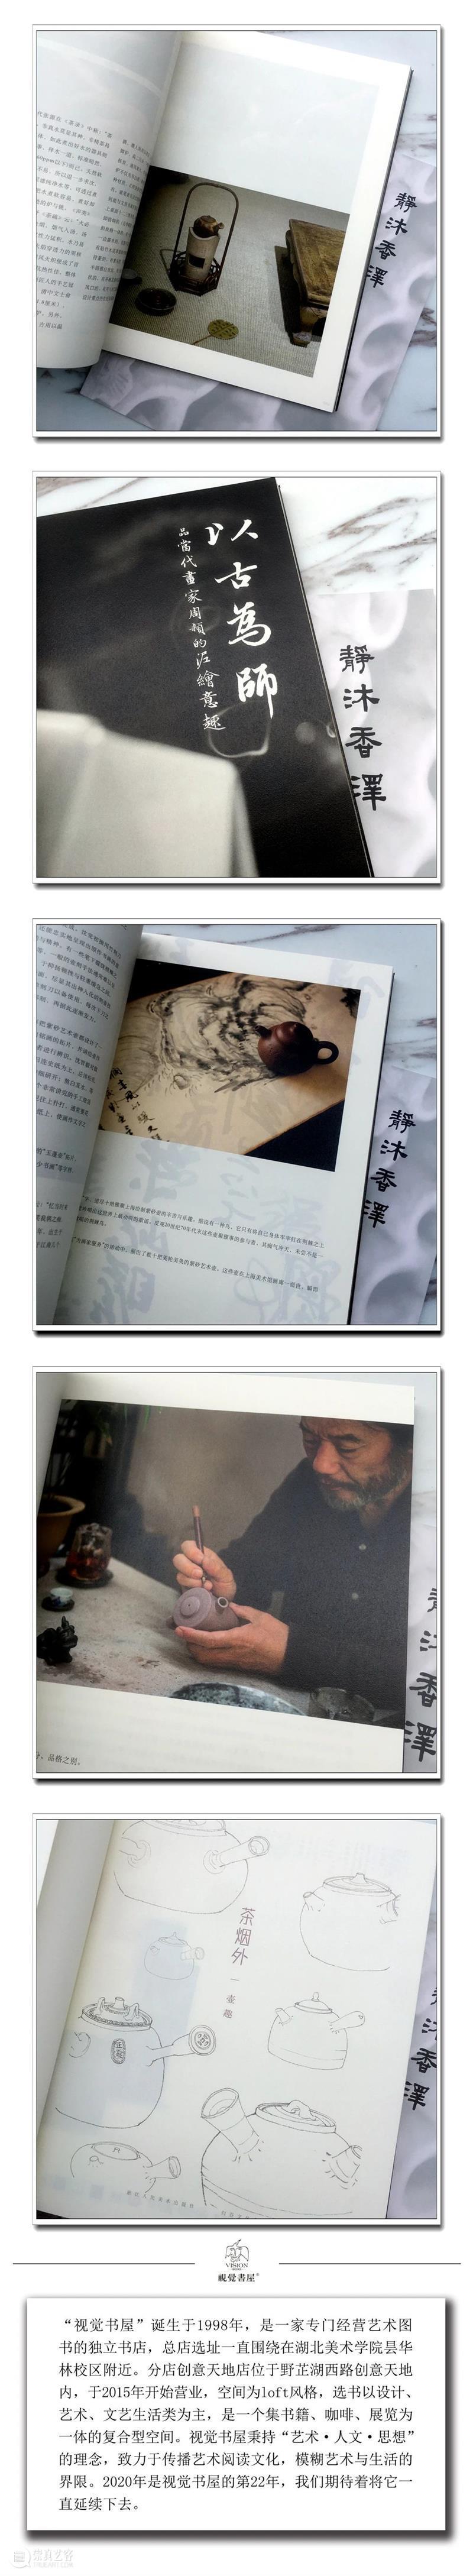 一日一书   《茶烟外》第三辑 · 壶趣 崇真艺客